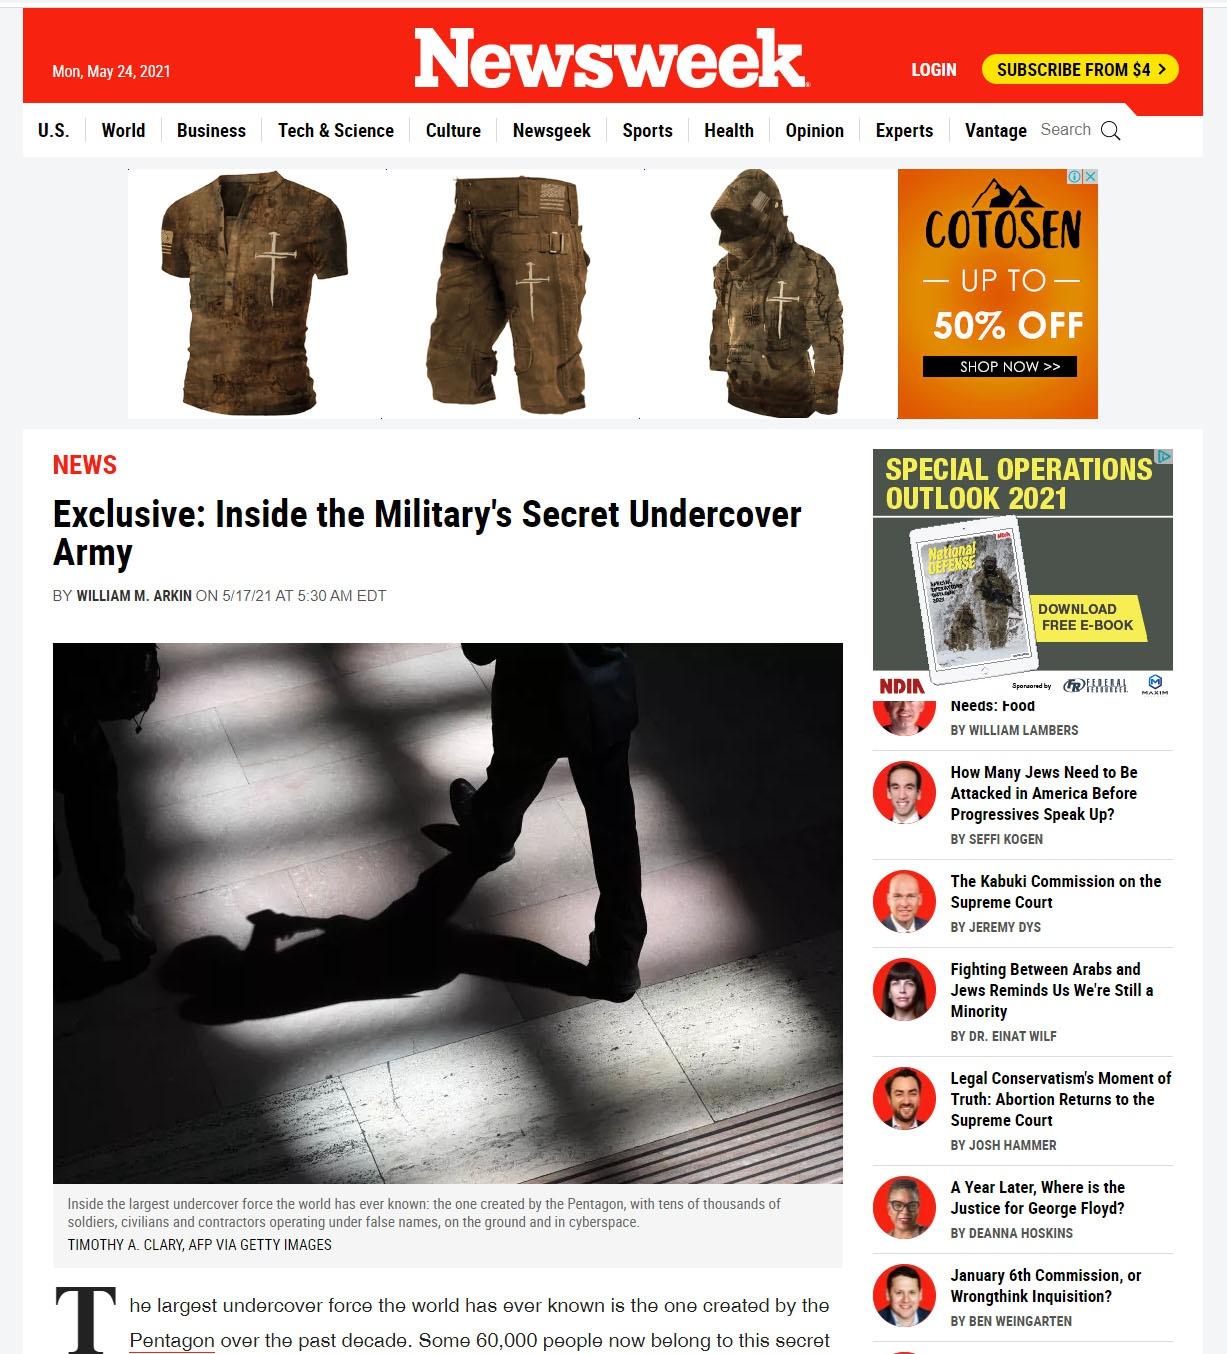 Статья в Newsweek о «тайной армии» Пентагона.